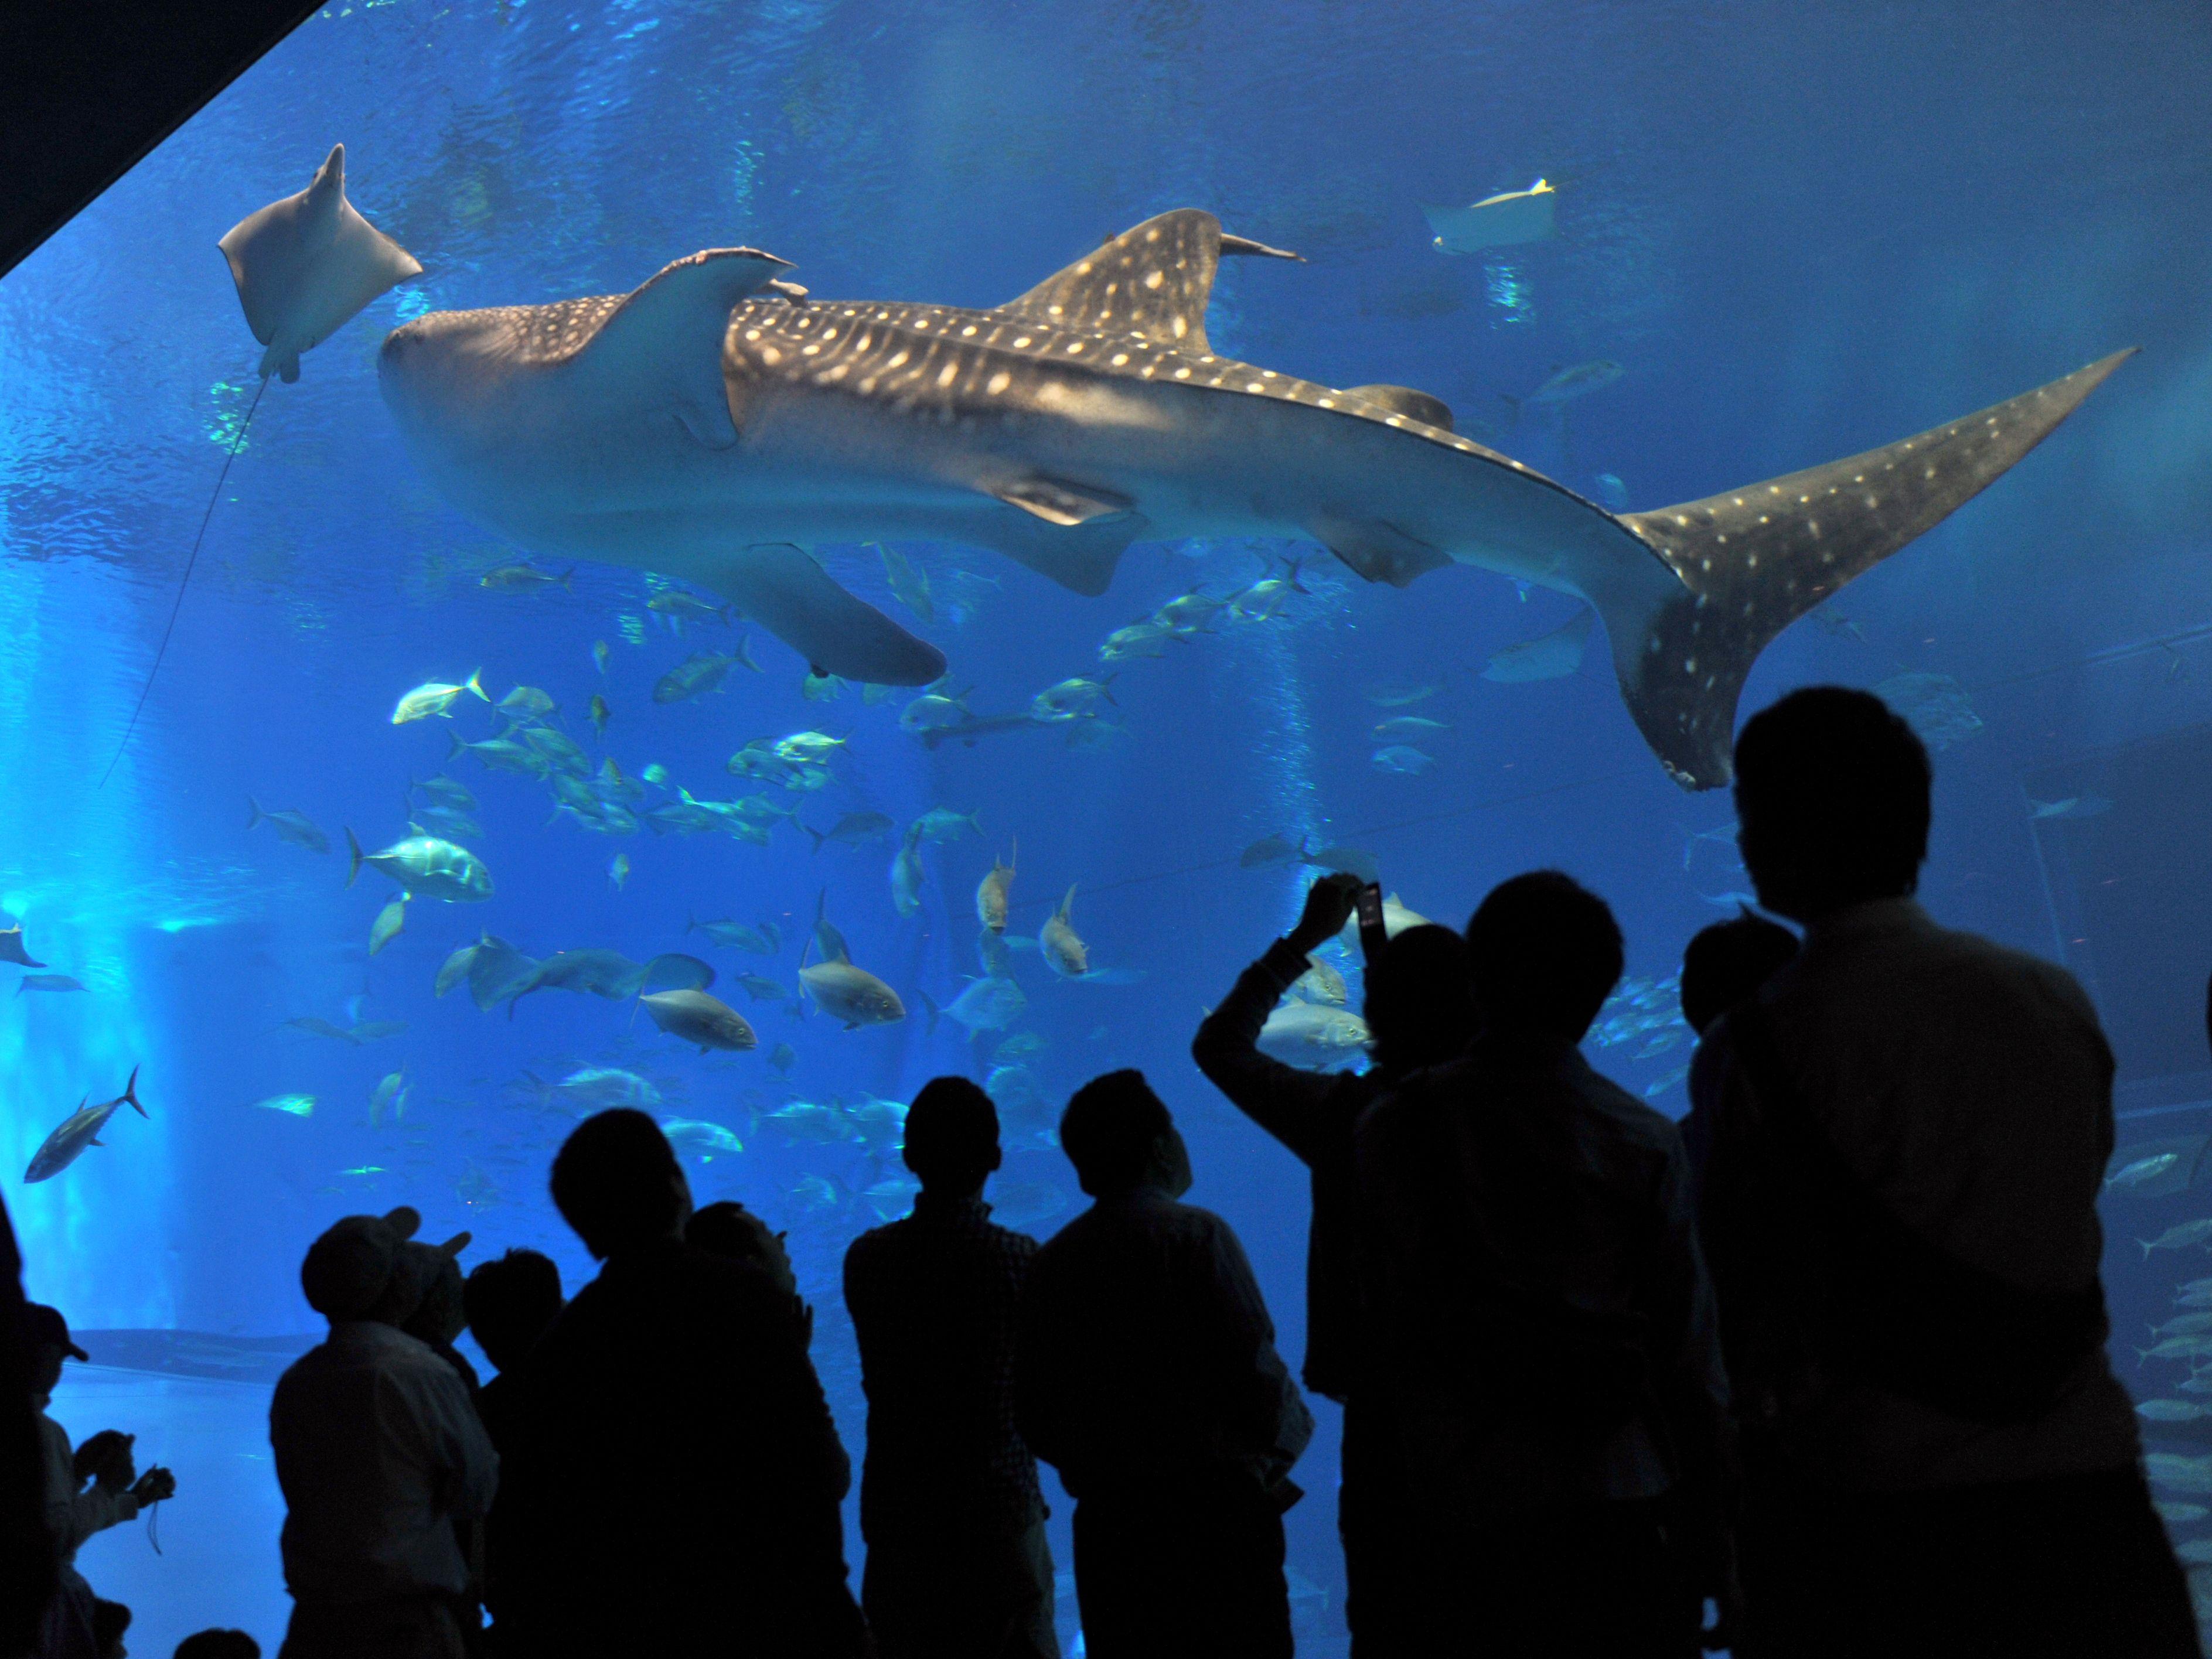 美 ら 海 水族館 コロナ